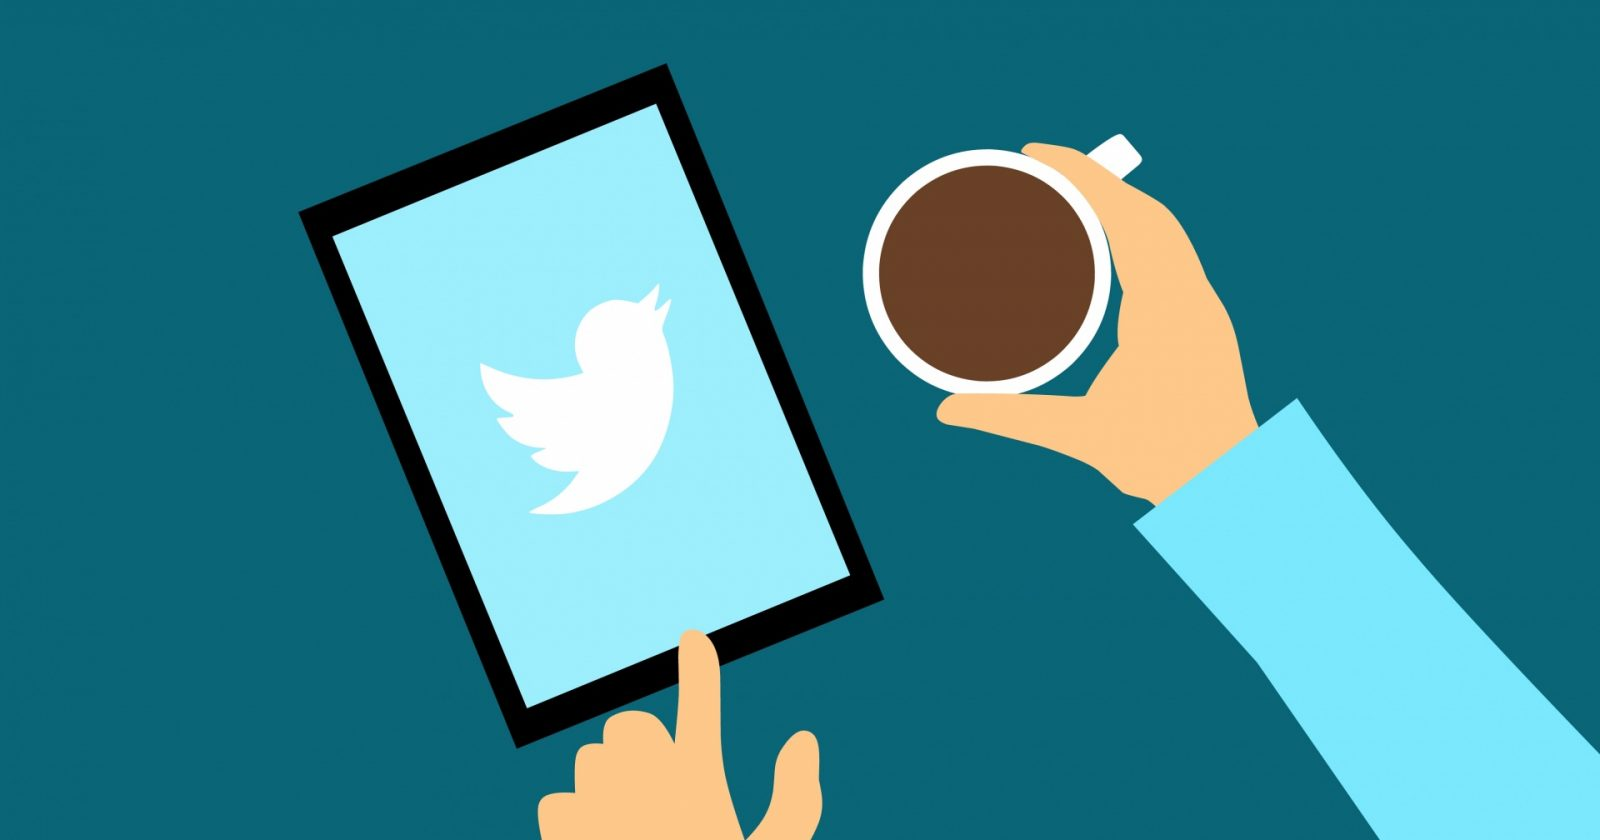 Come recuperare un account di Twitter sospeso